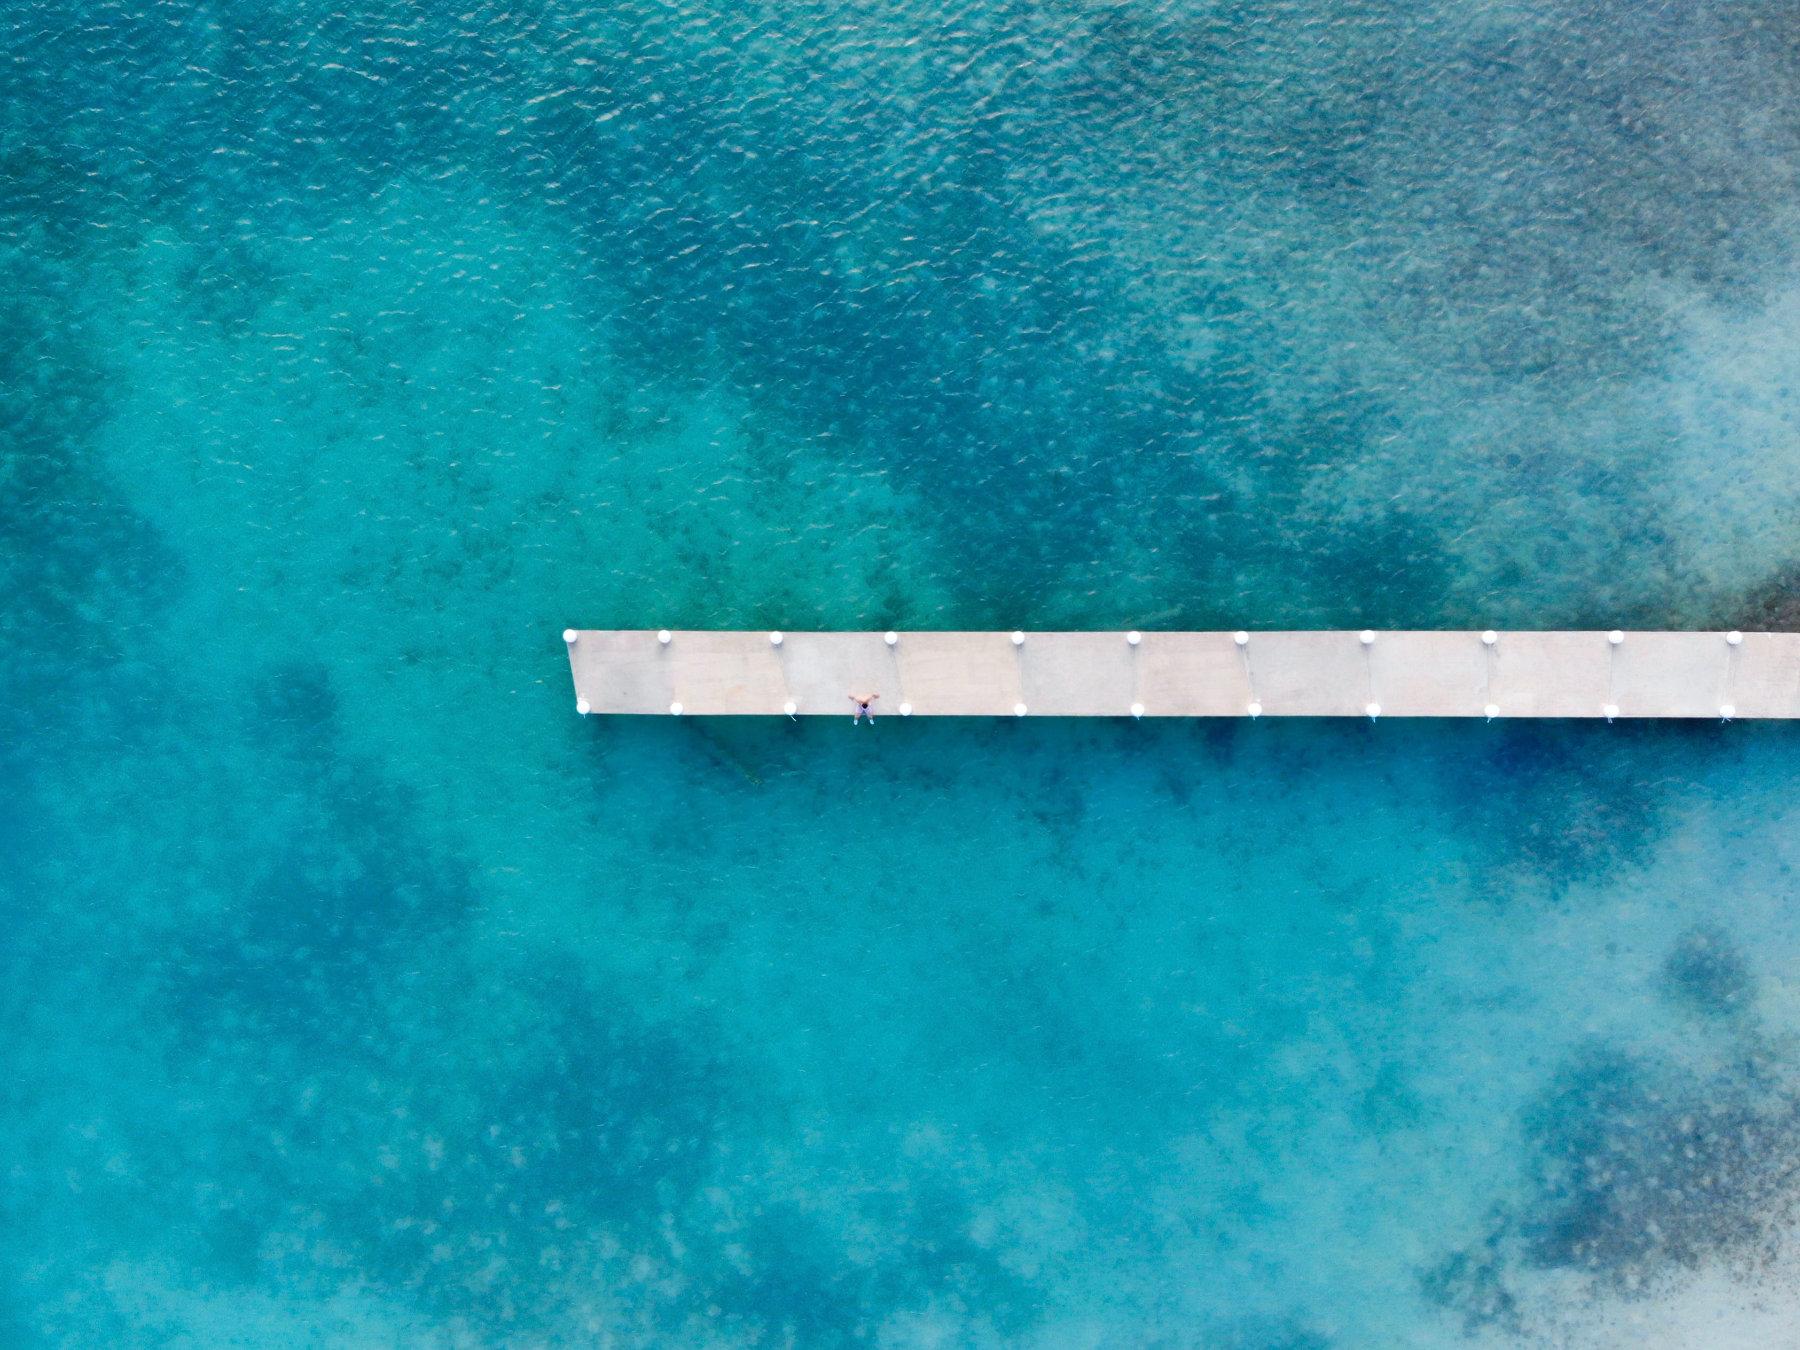 Ein Steg, der ins türkise Meer führt, direkt von oben fotografiert.